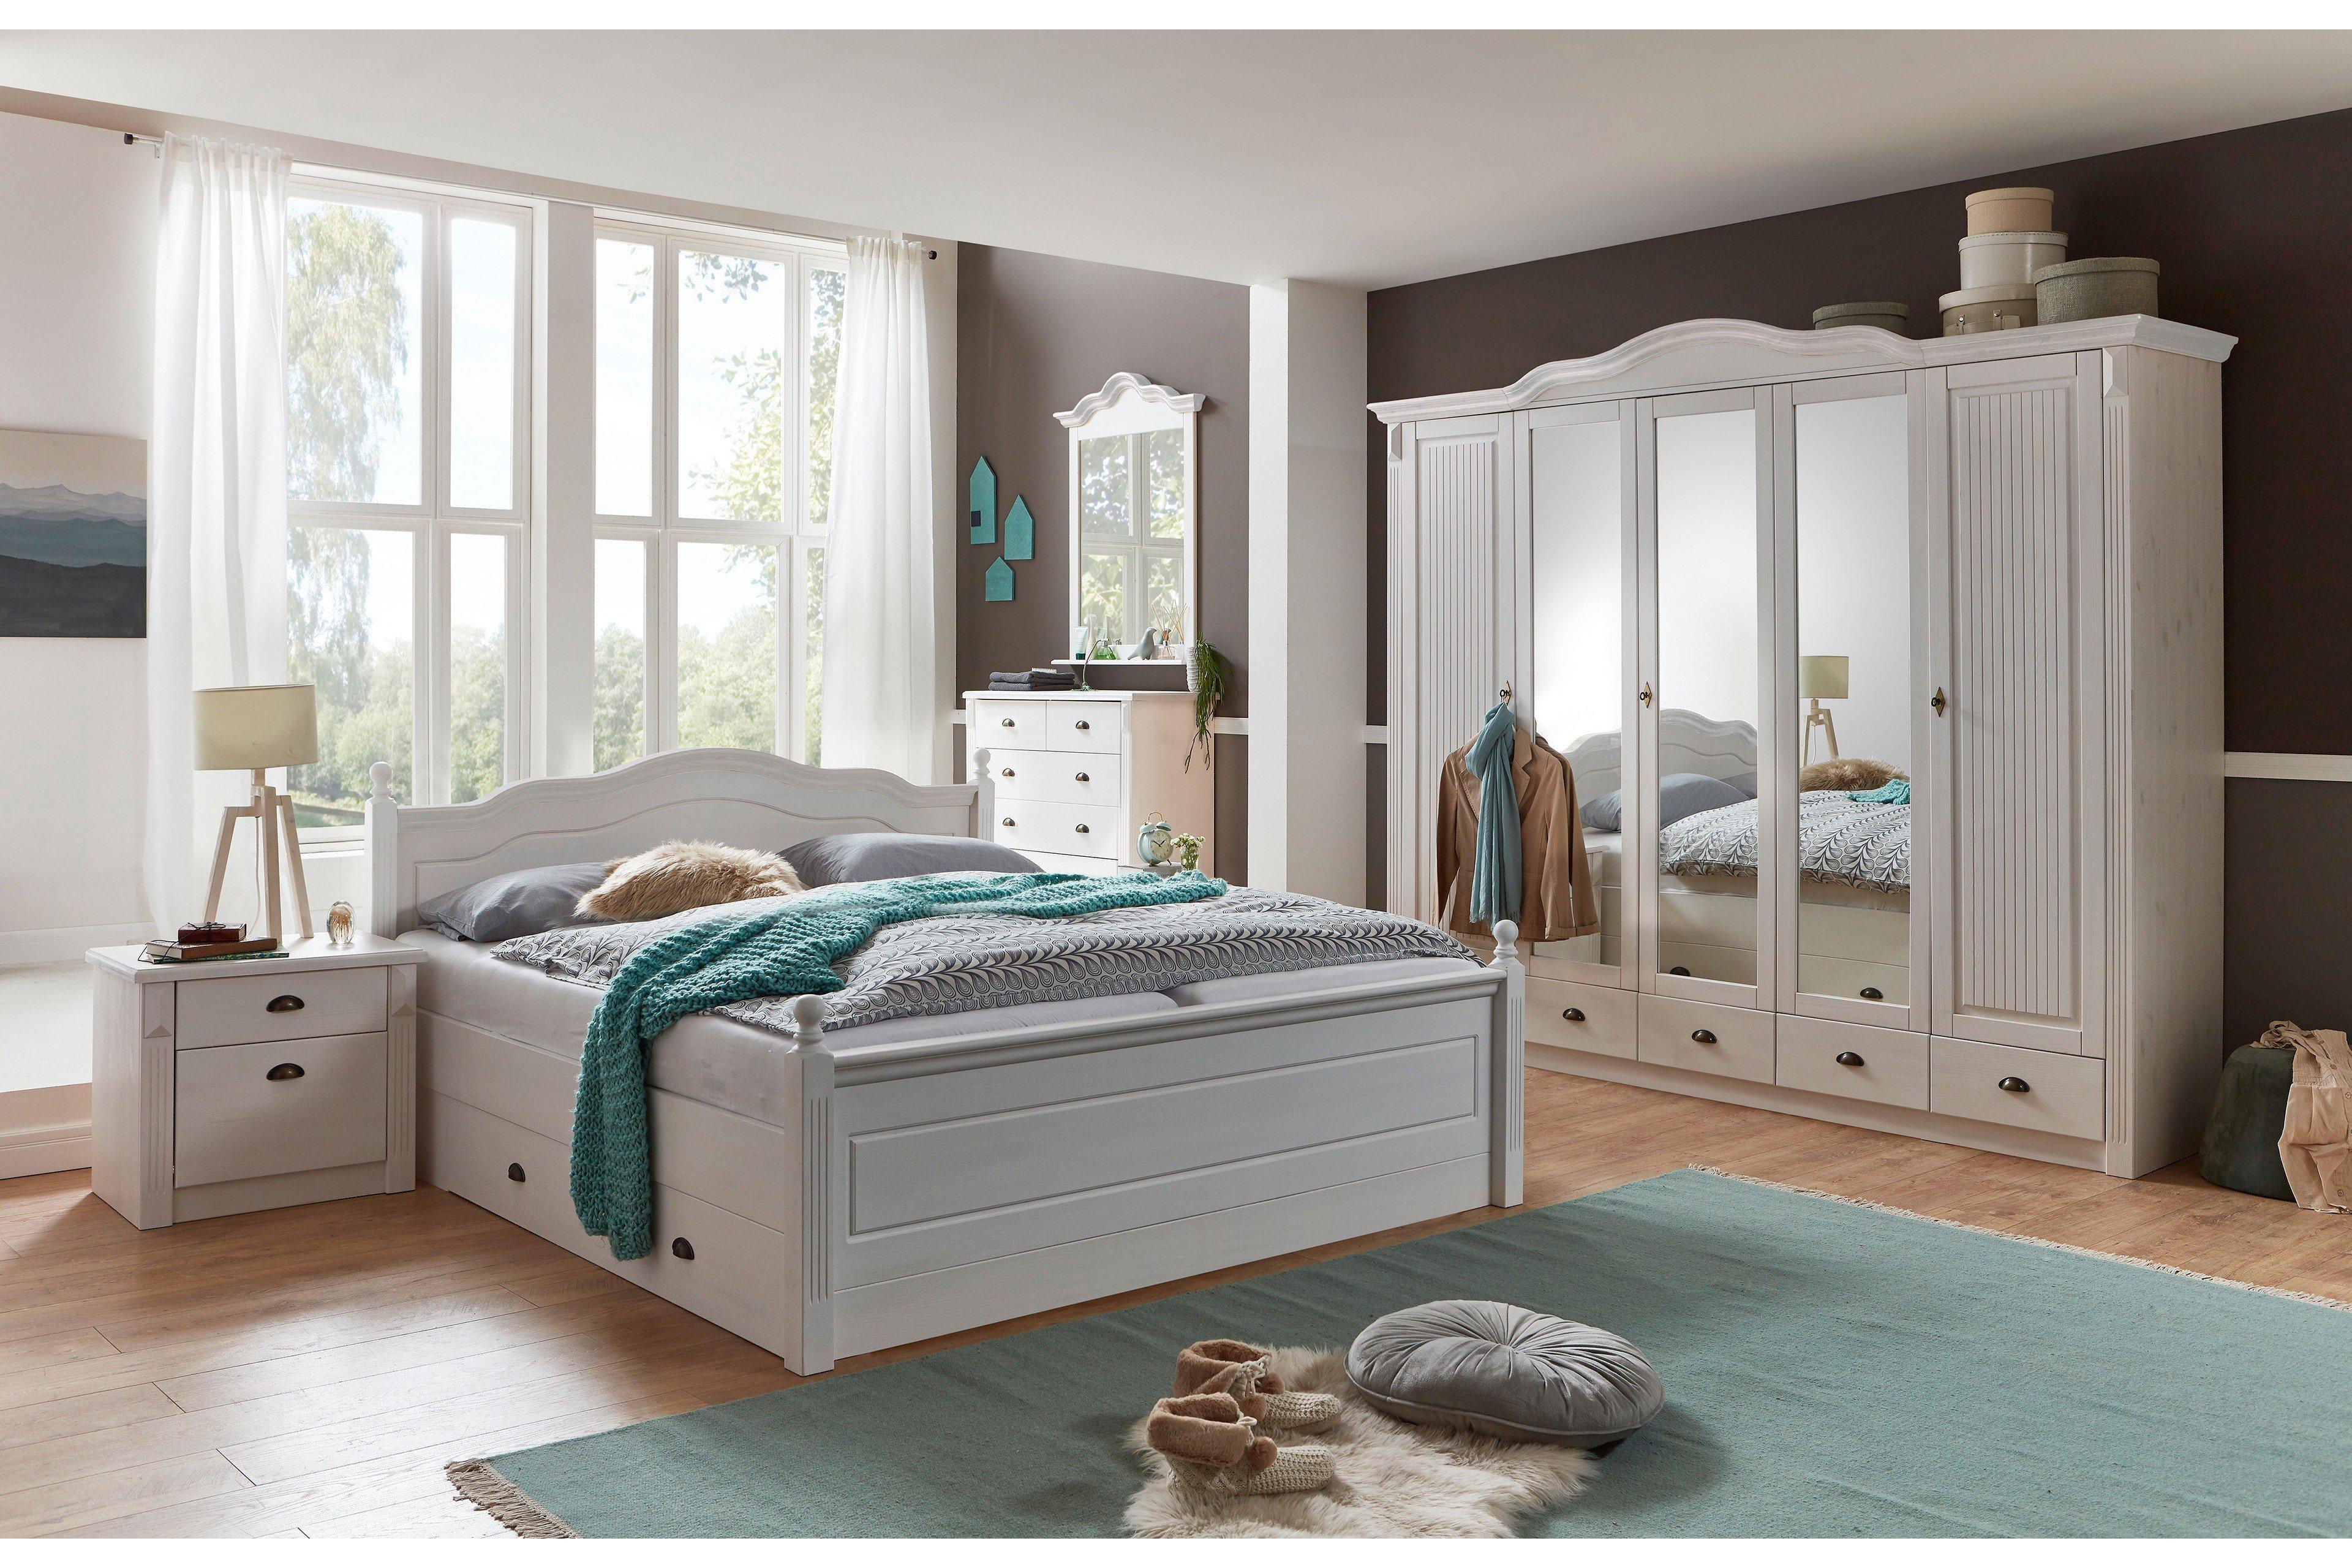 Schlafzimmer Kommode 200 Cm   Regal Für Dachschräge Links   Online Konfigurieren